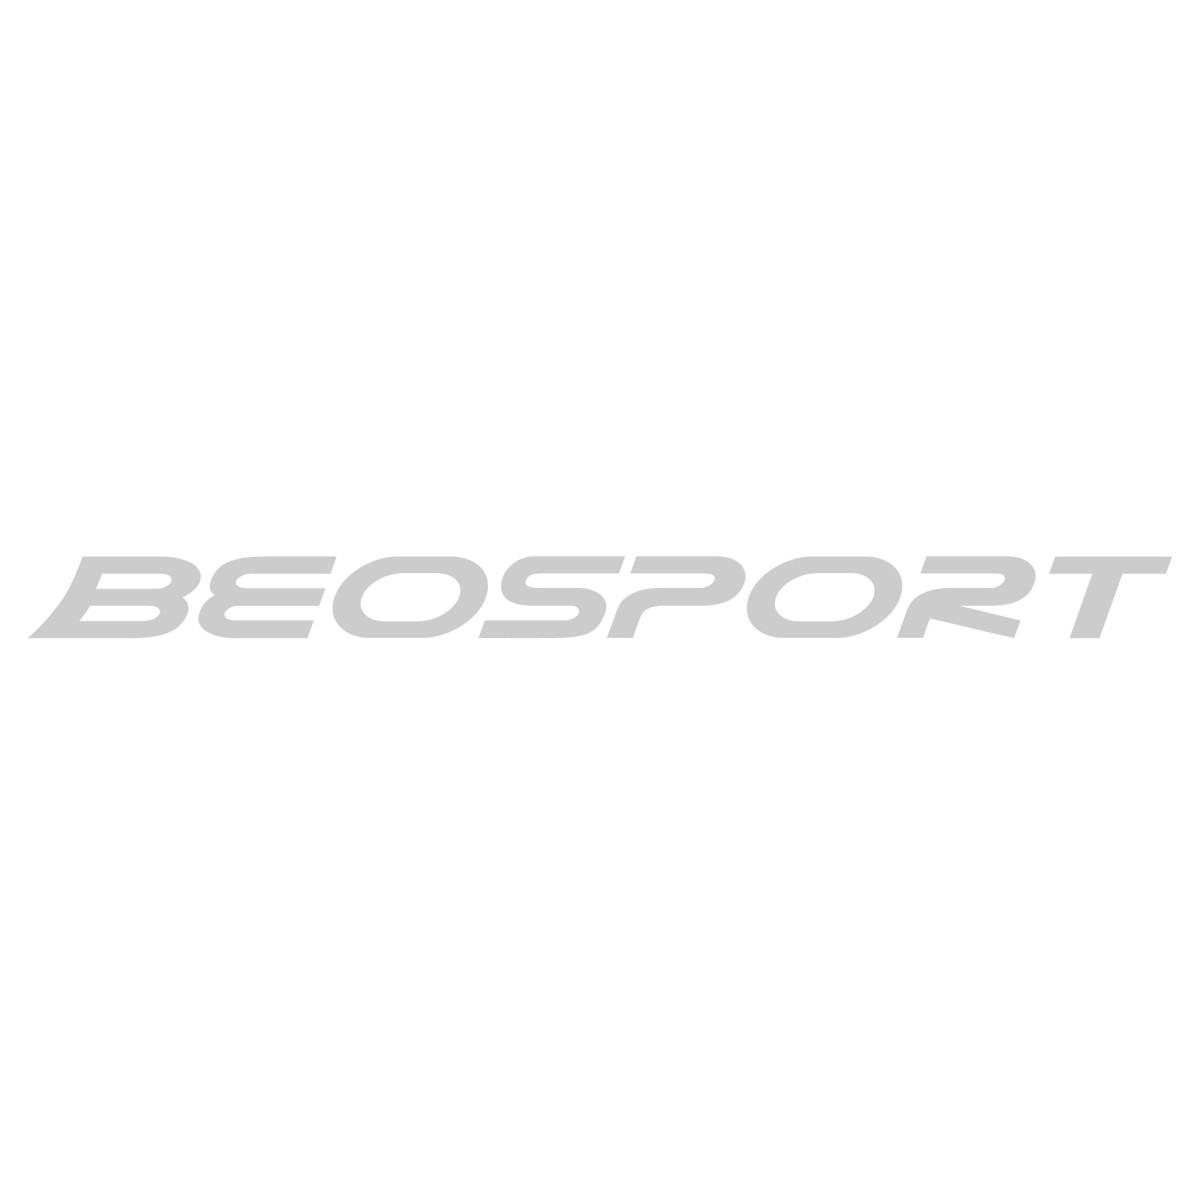 Dune Brigade cipele